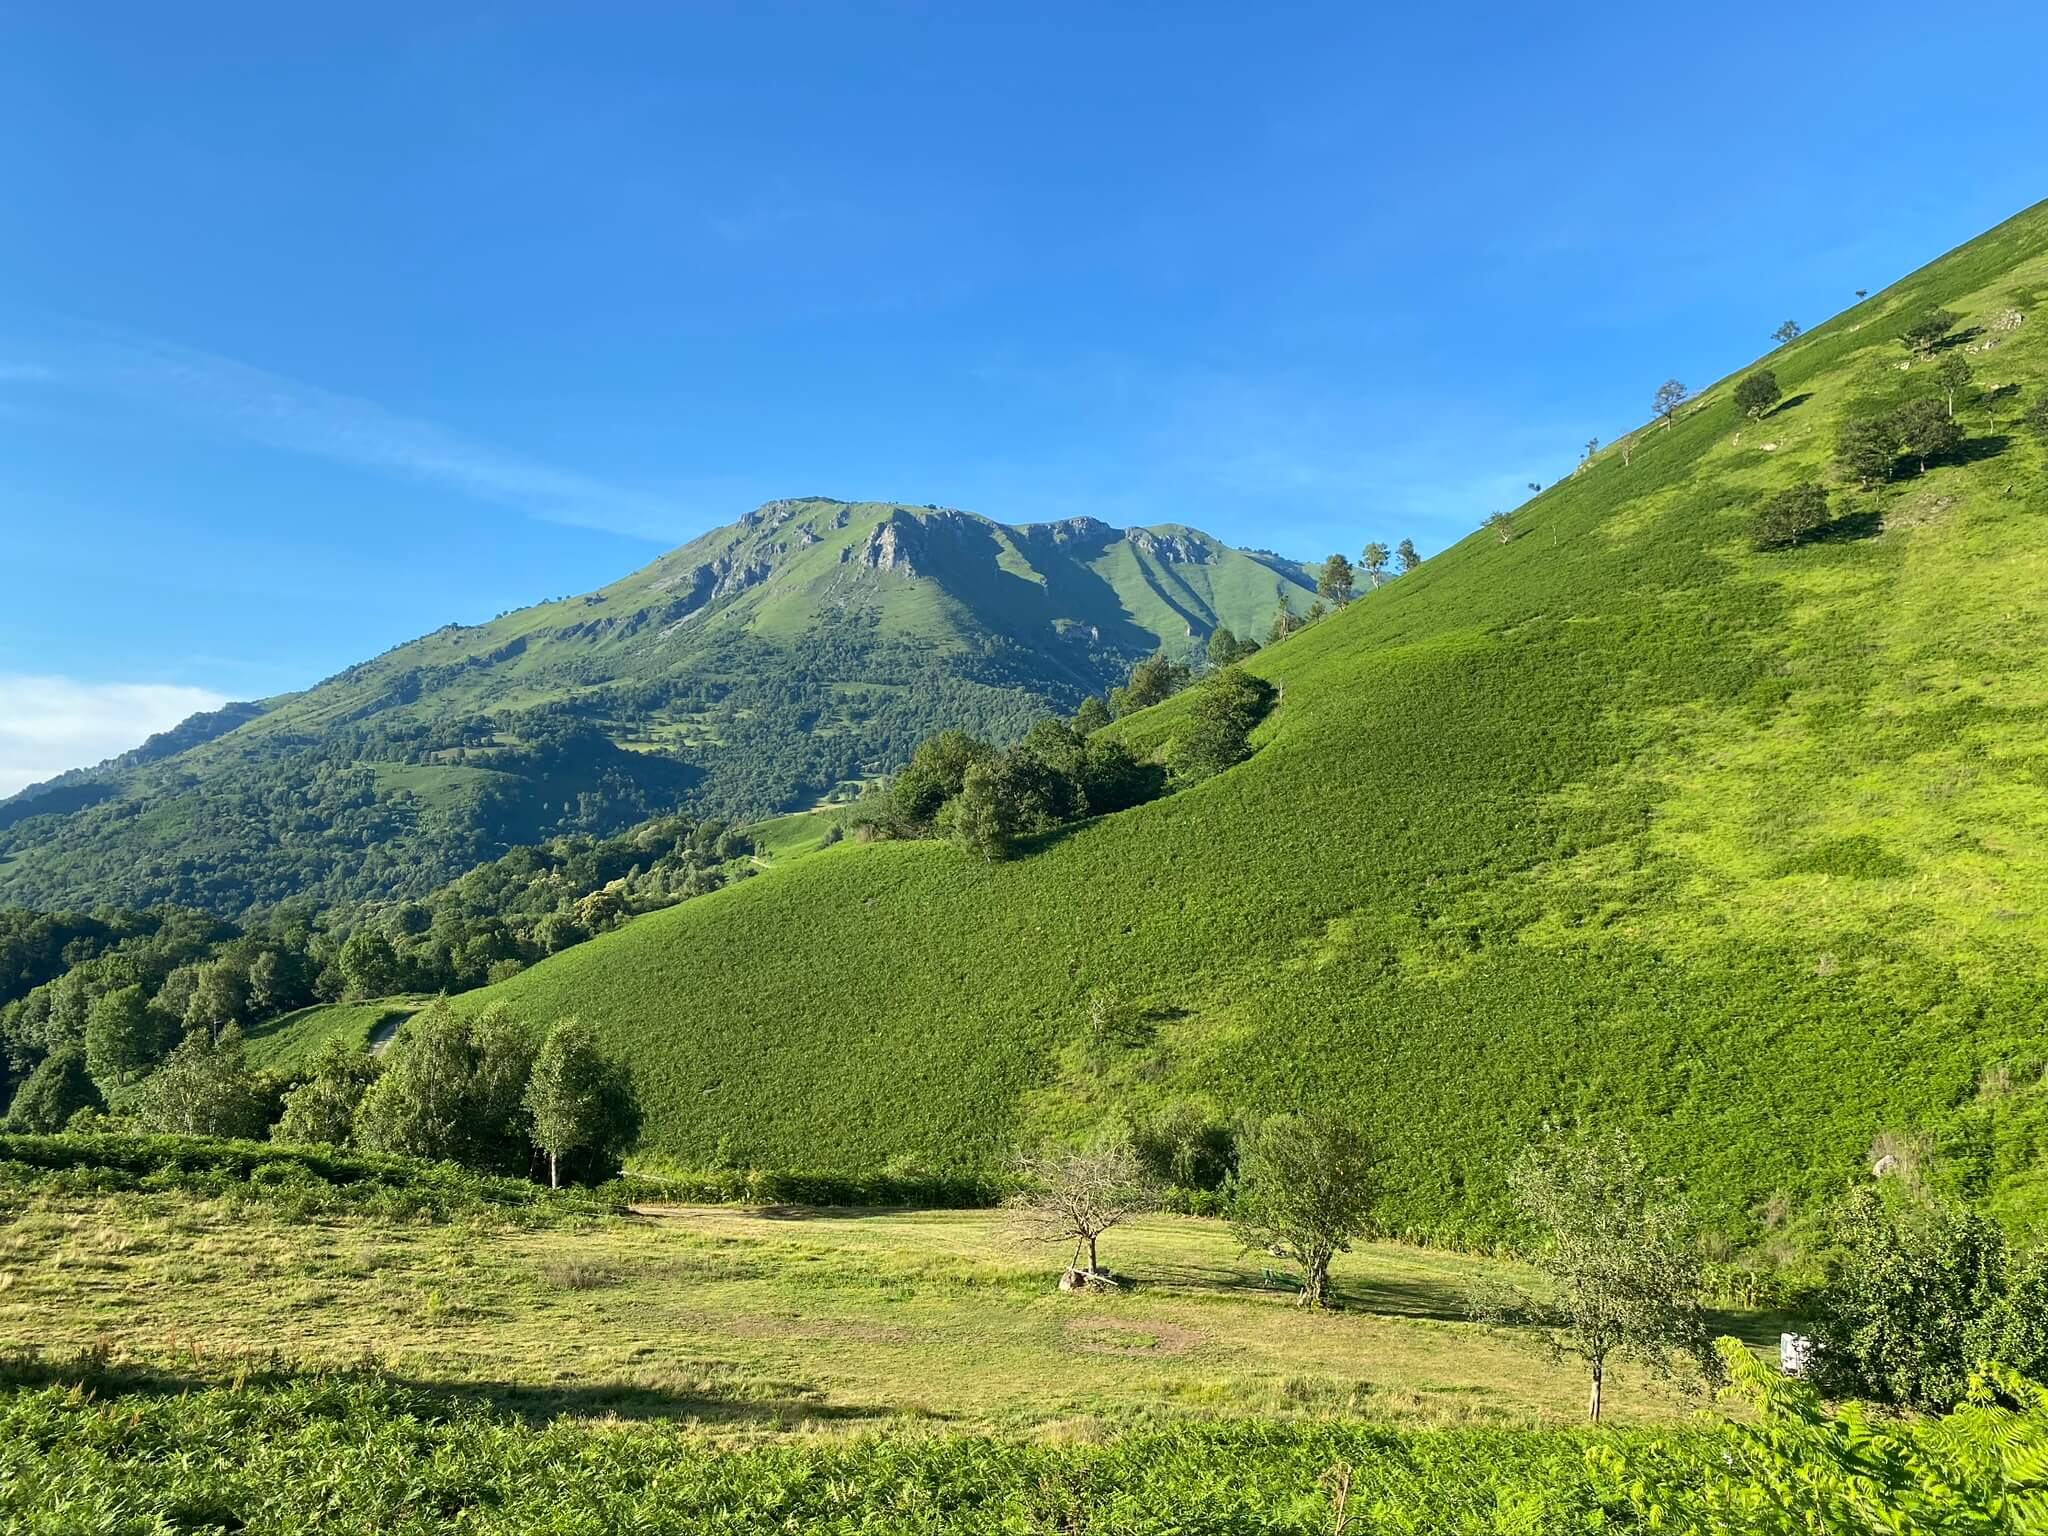 On ne se lasse pas d'admirer le paysage verdoyant. En arrière plan, toujours l'Ourdinse